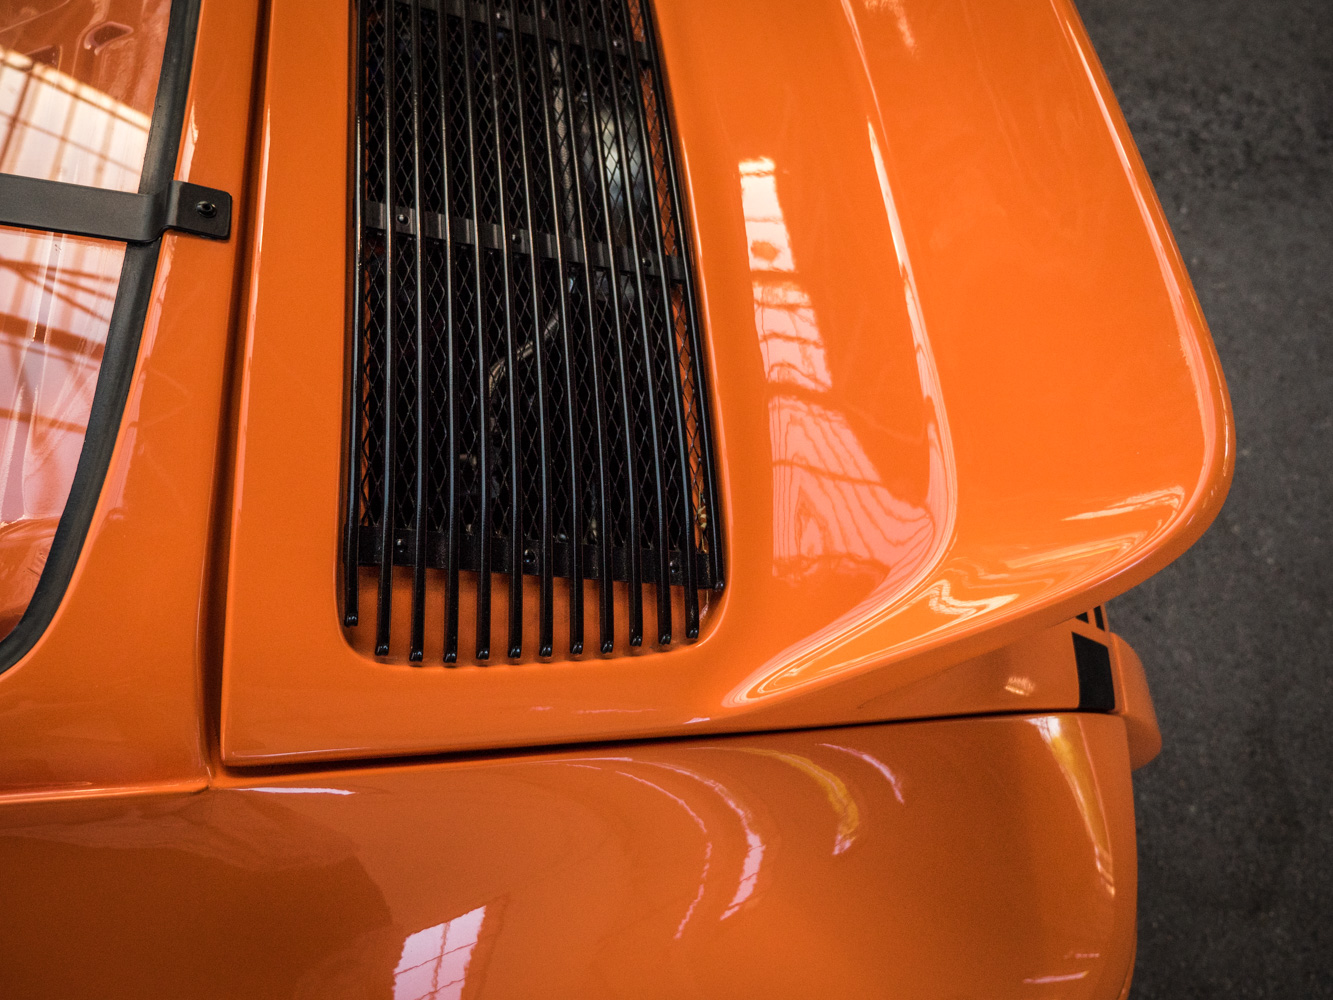 1969 Porsche 911 Carrera - 20.jpg.jpg